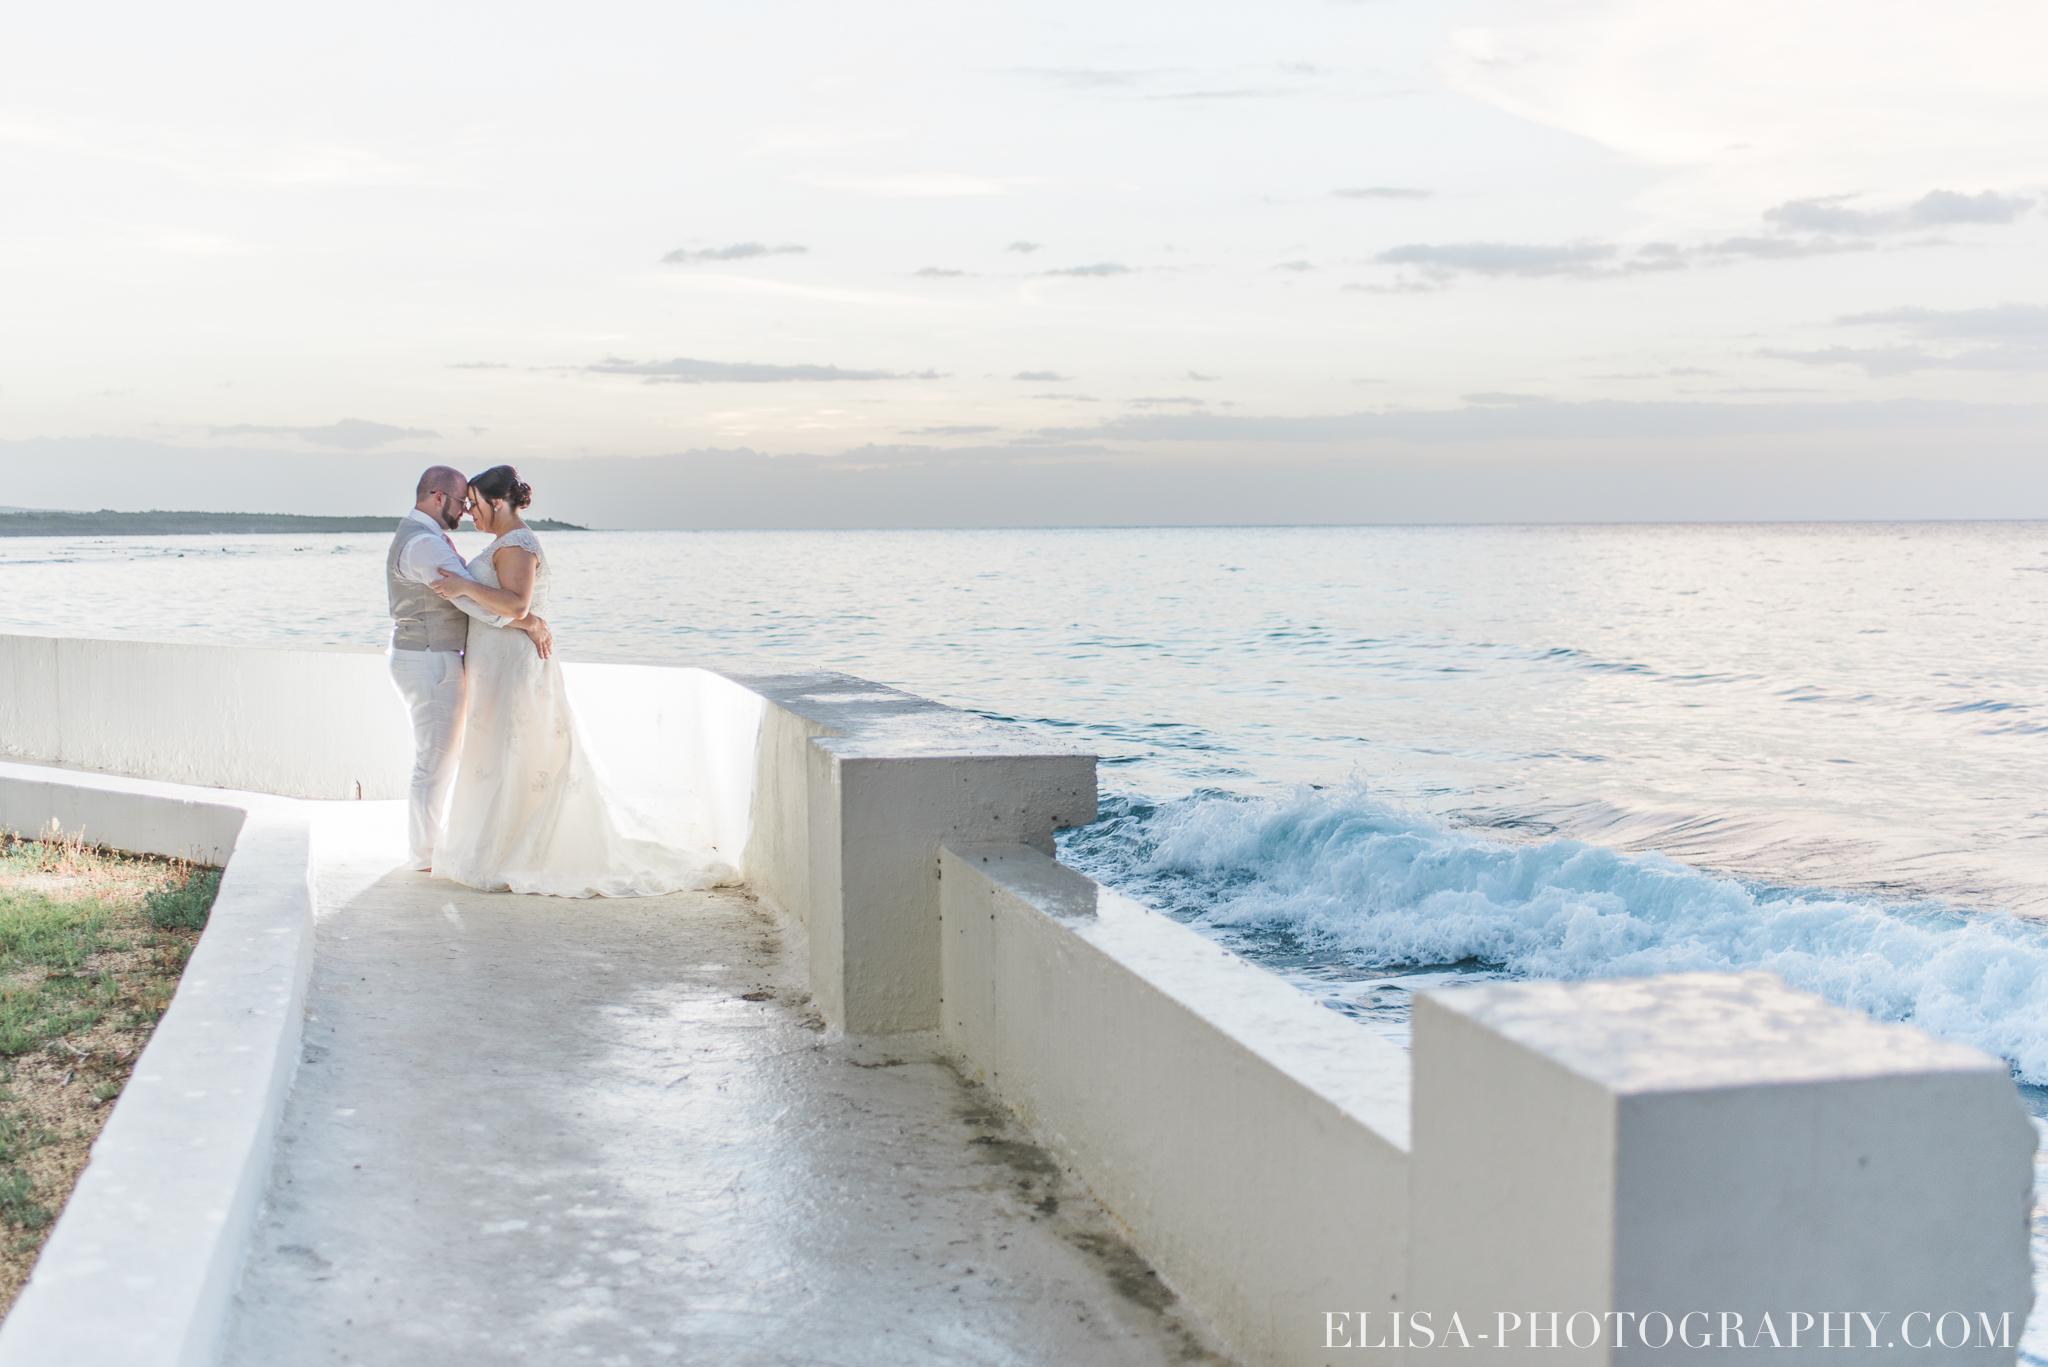 mariage a destination Jamaique ocean couche de soleil photo